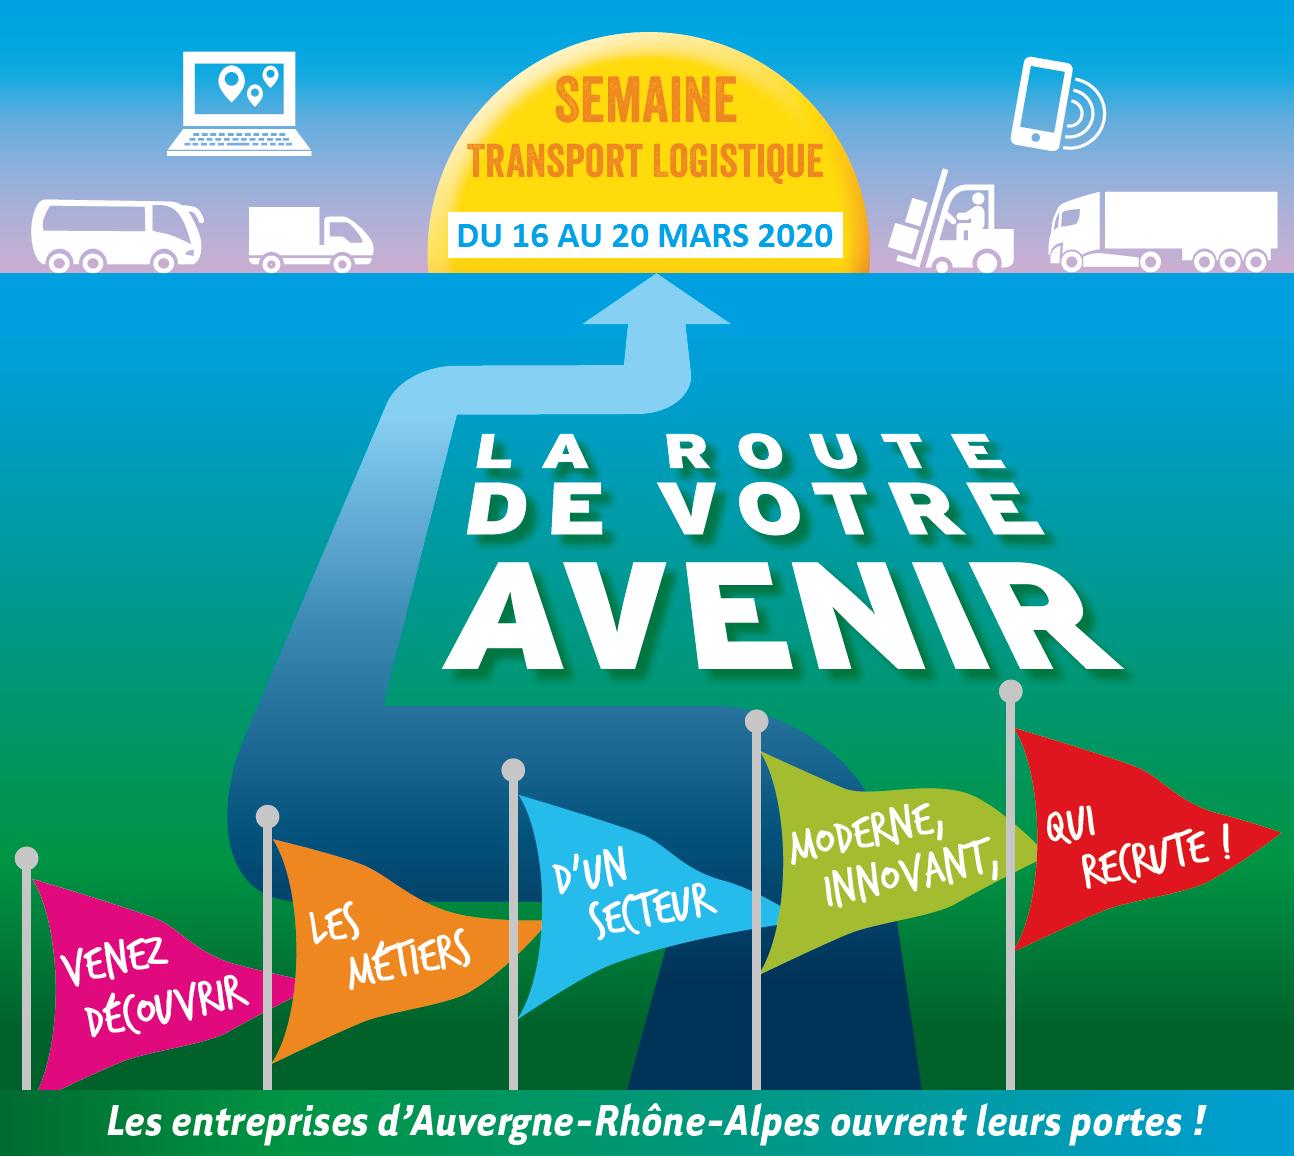 3ème édition de la semaine transport logistique : la route de votre avenir